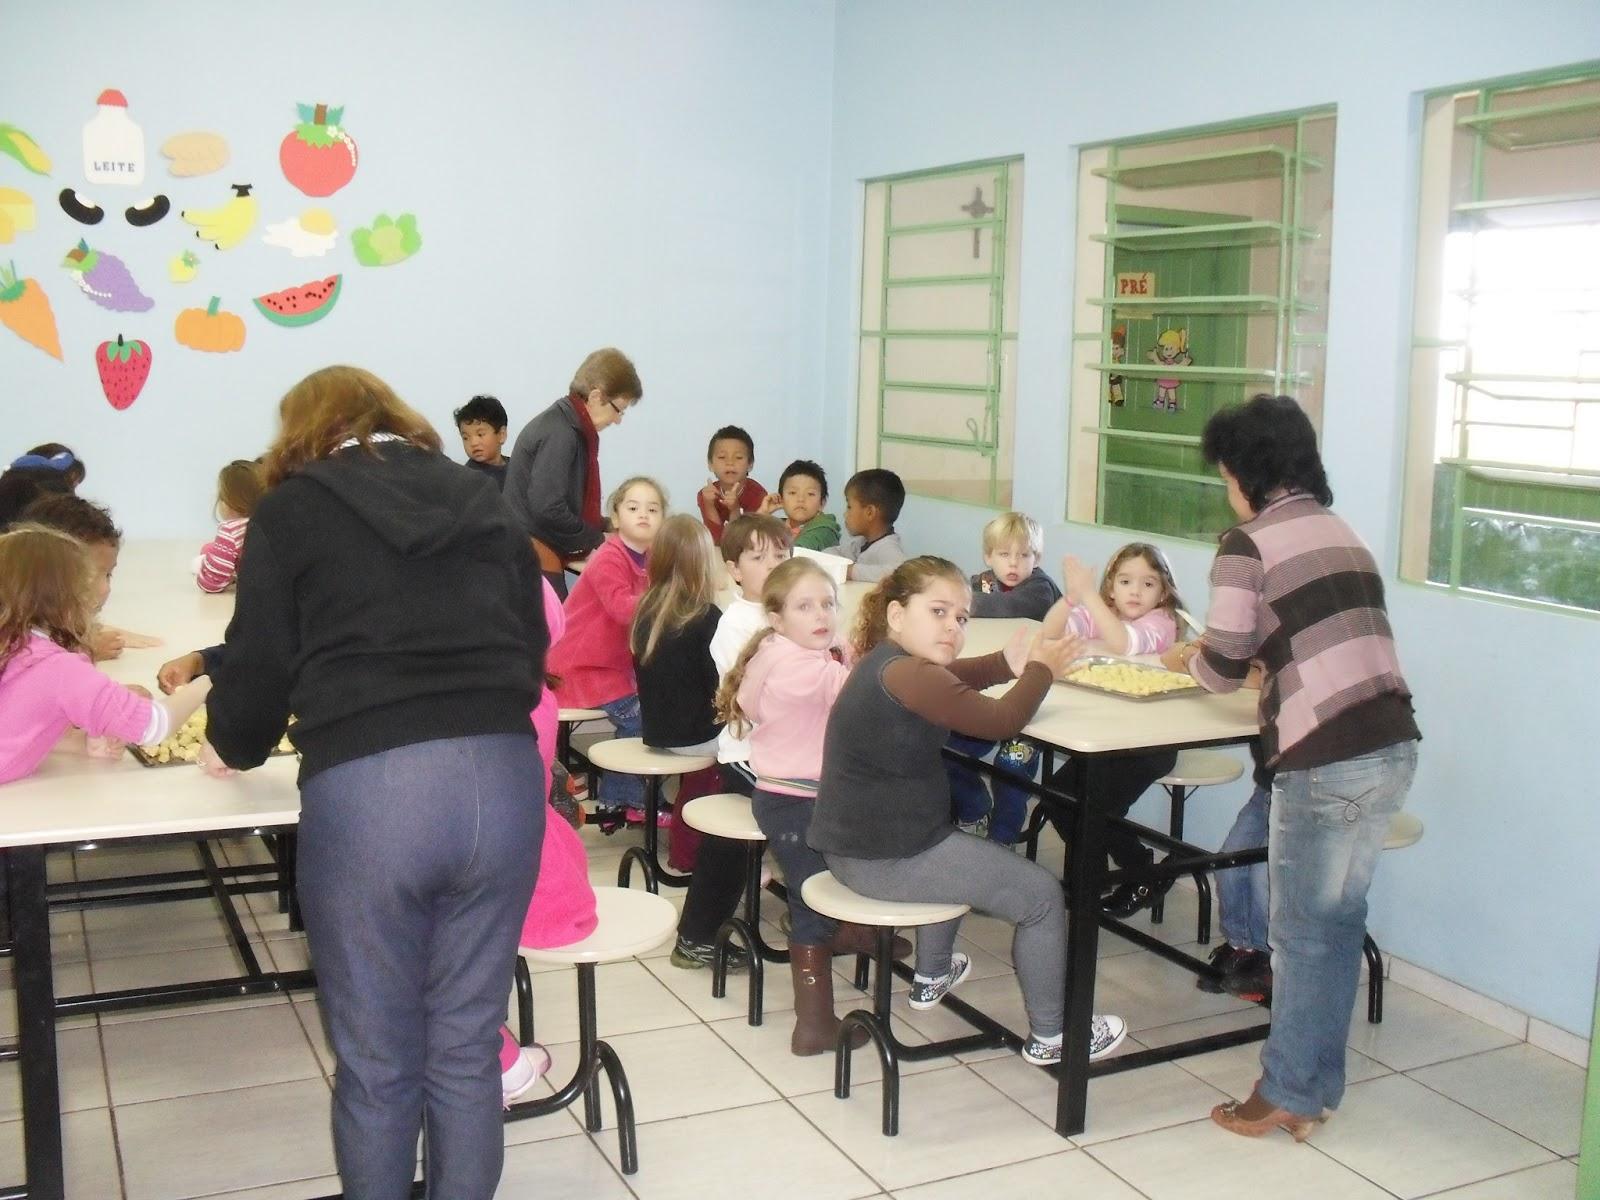 #674738  escola com atividades realizadas na família e que serão úteis na 1600x1200 px Projeto Cozinha Experimental Na Escola #2535 imagens